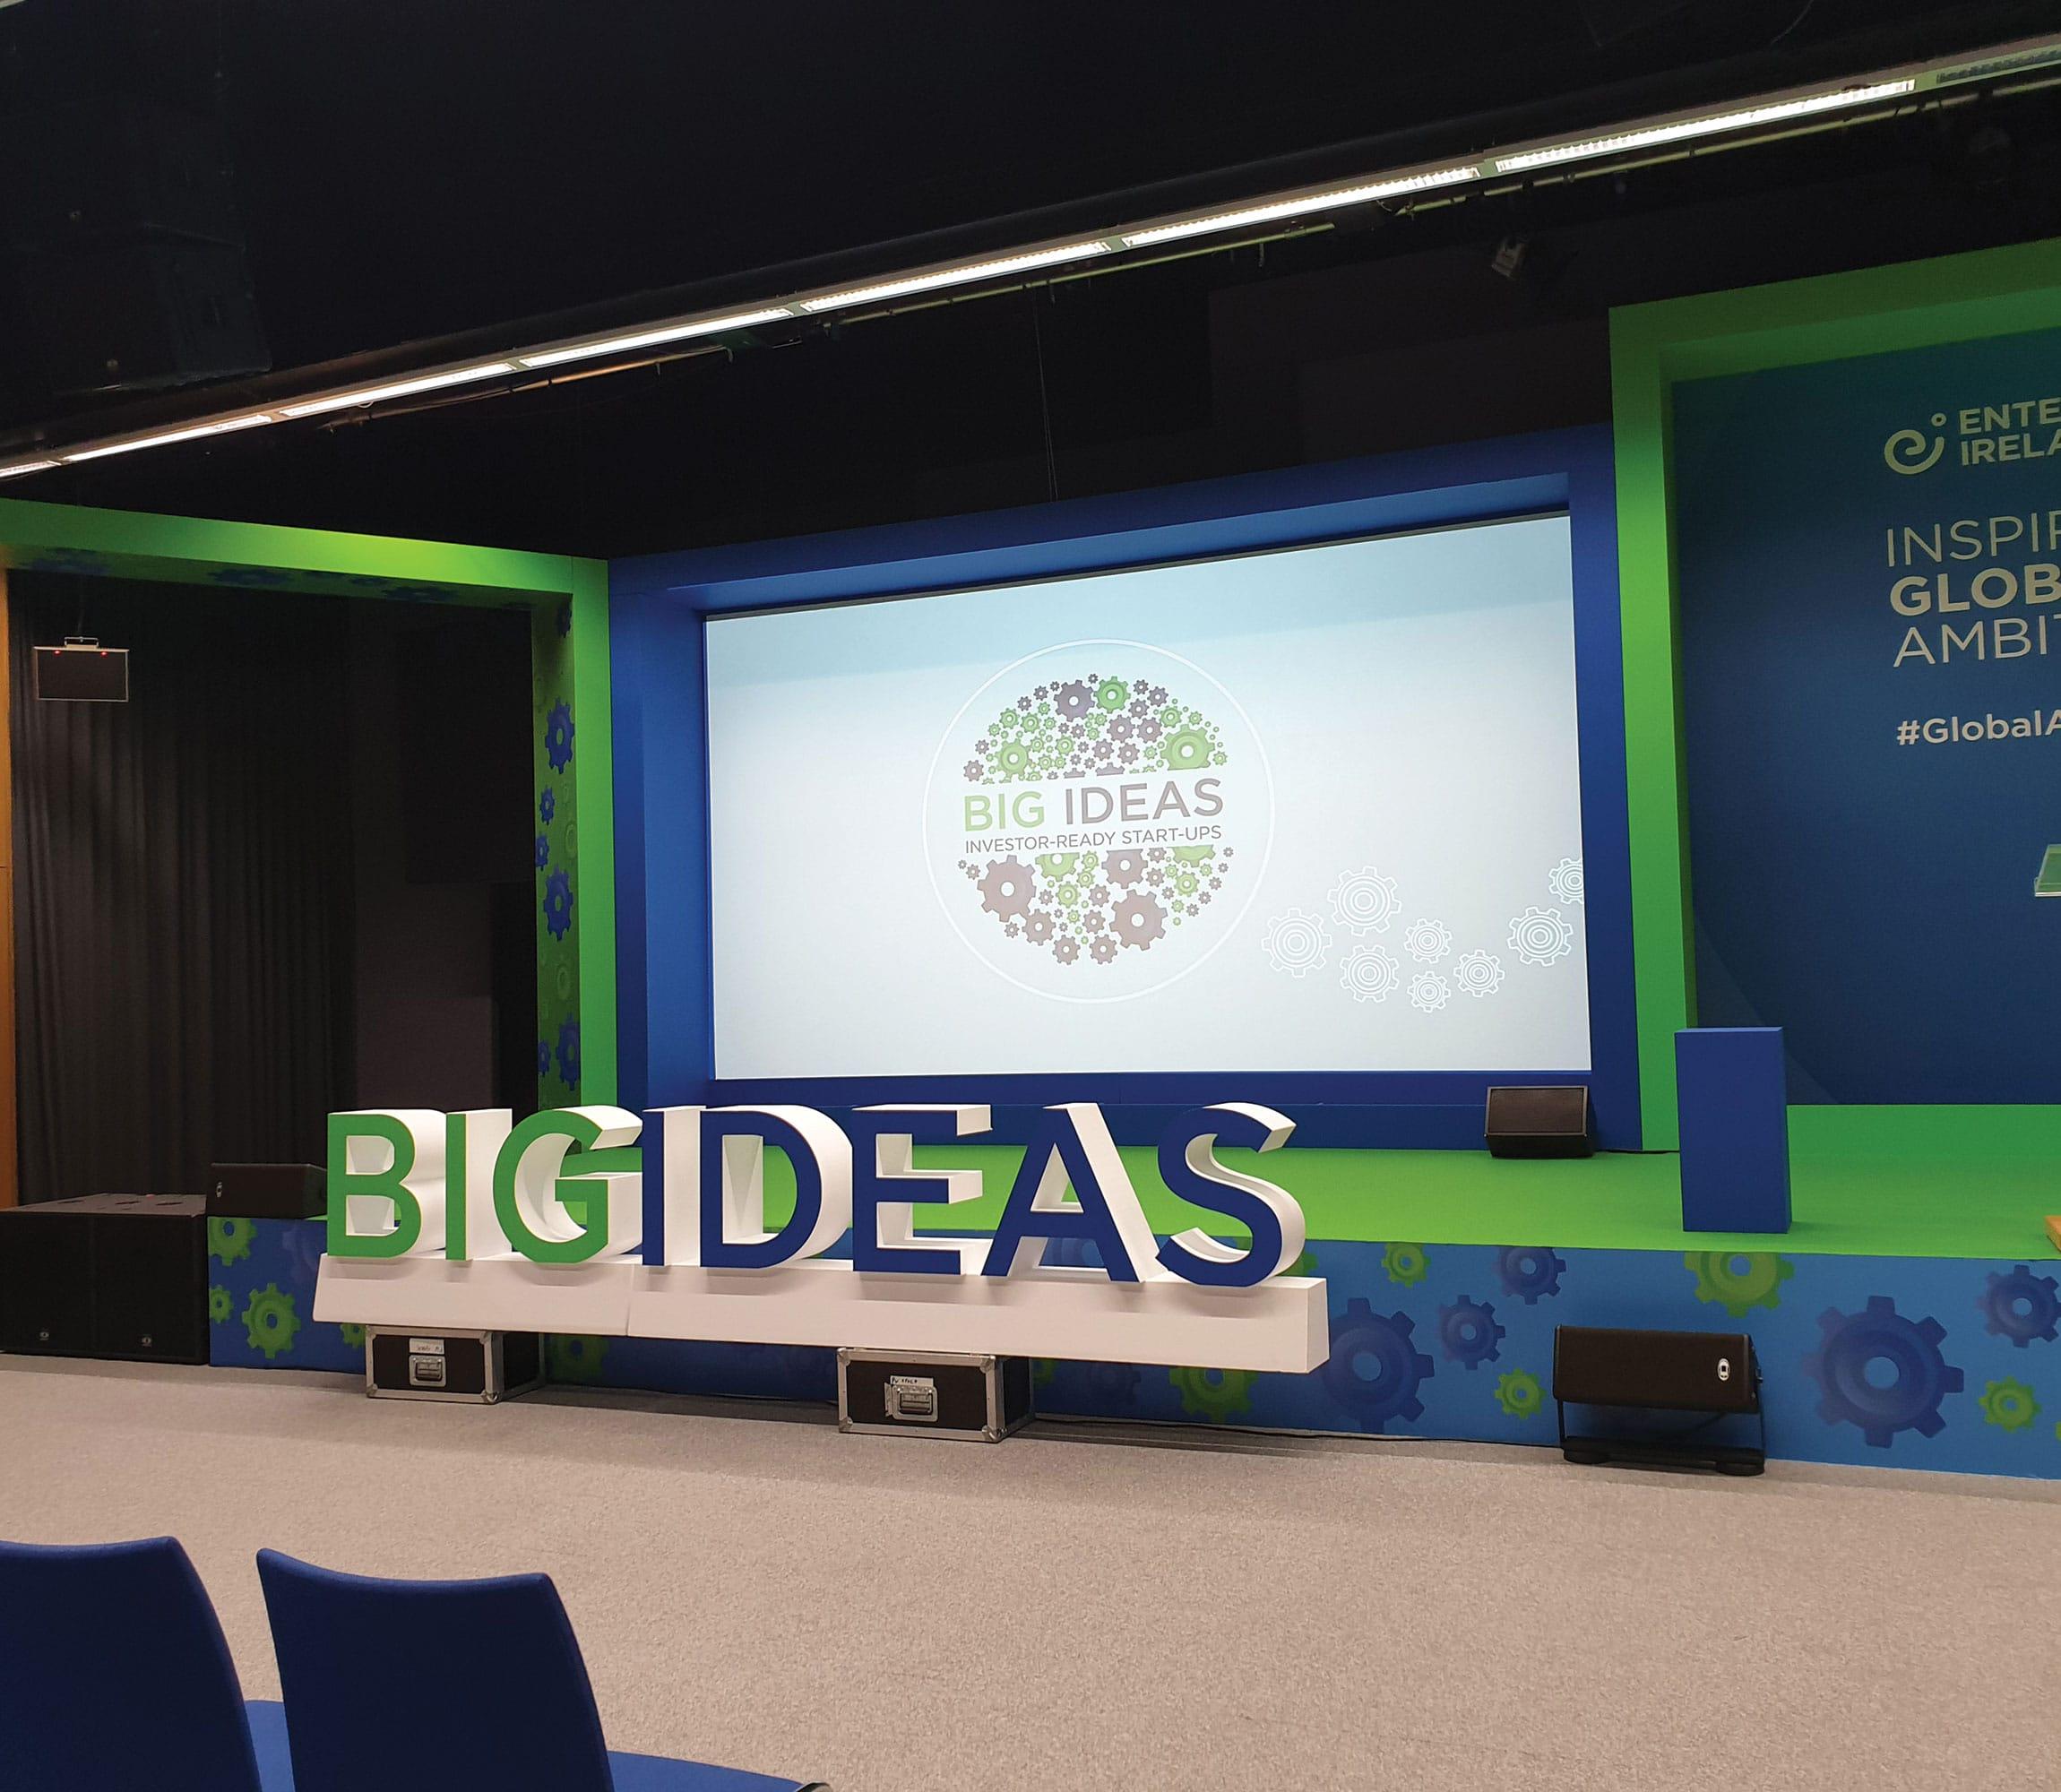 Big_Ideas_3-min.jpg